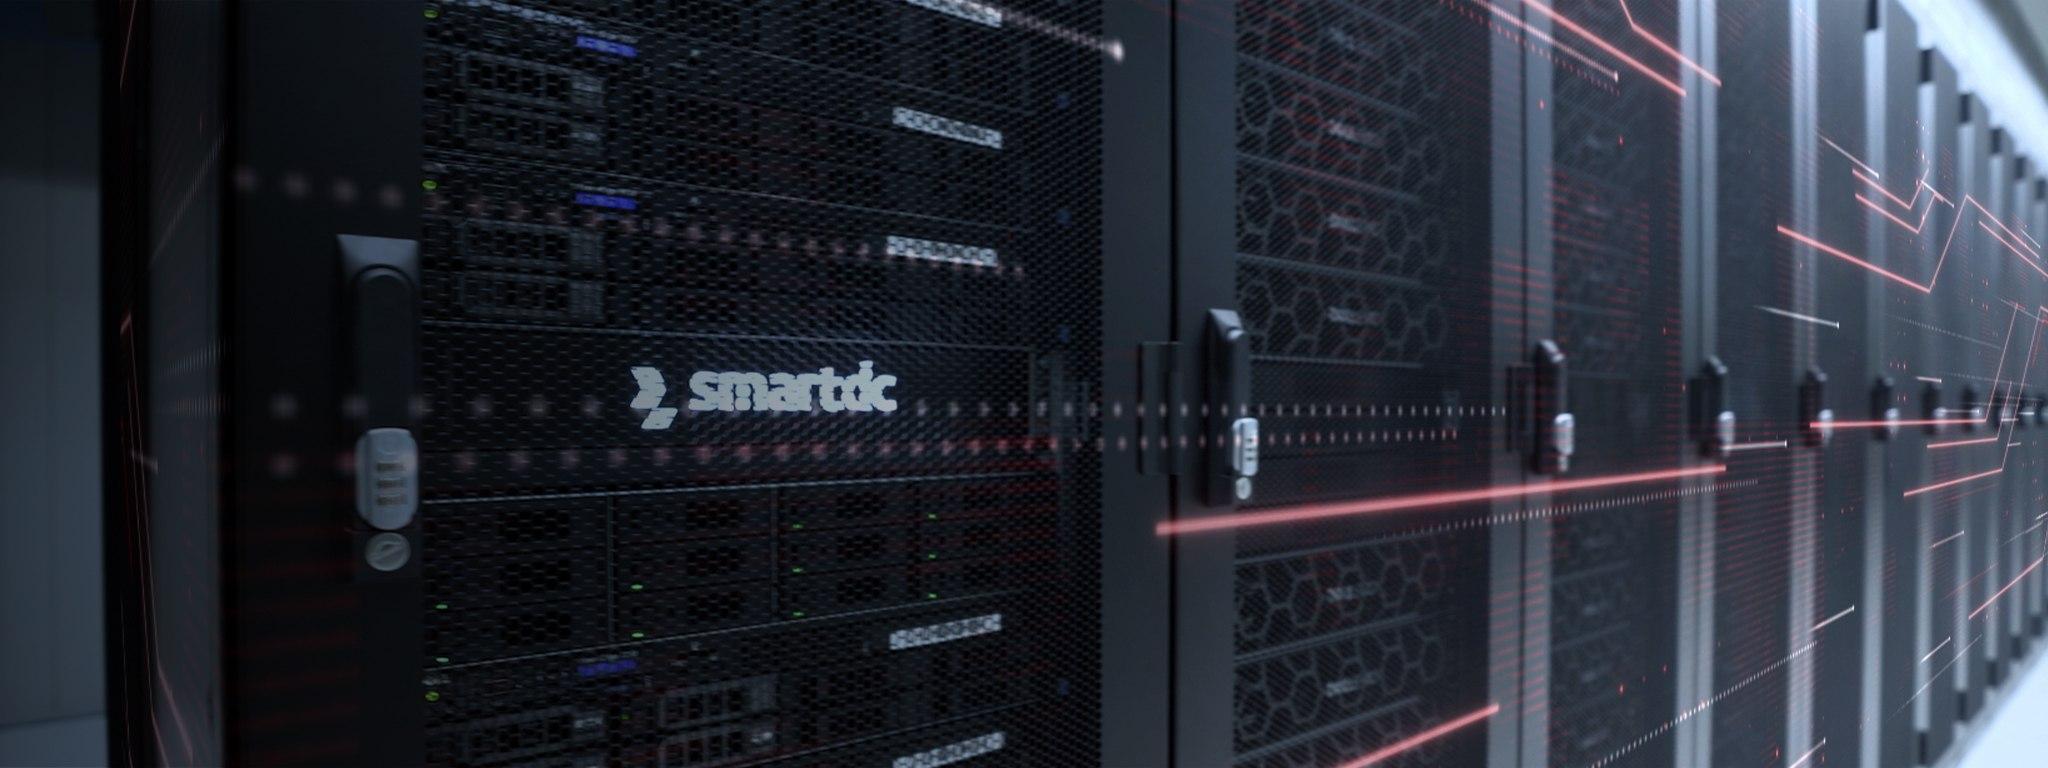 i3D server room